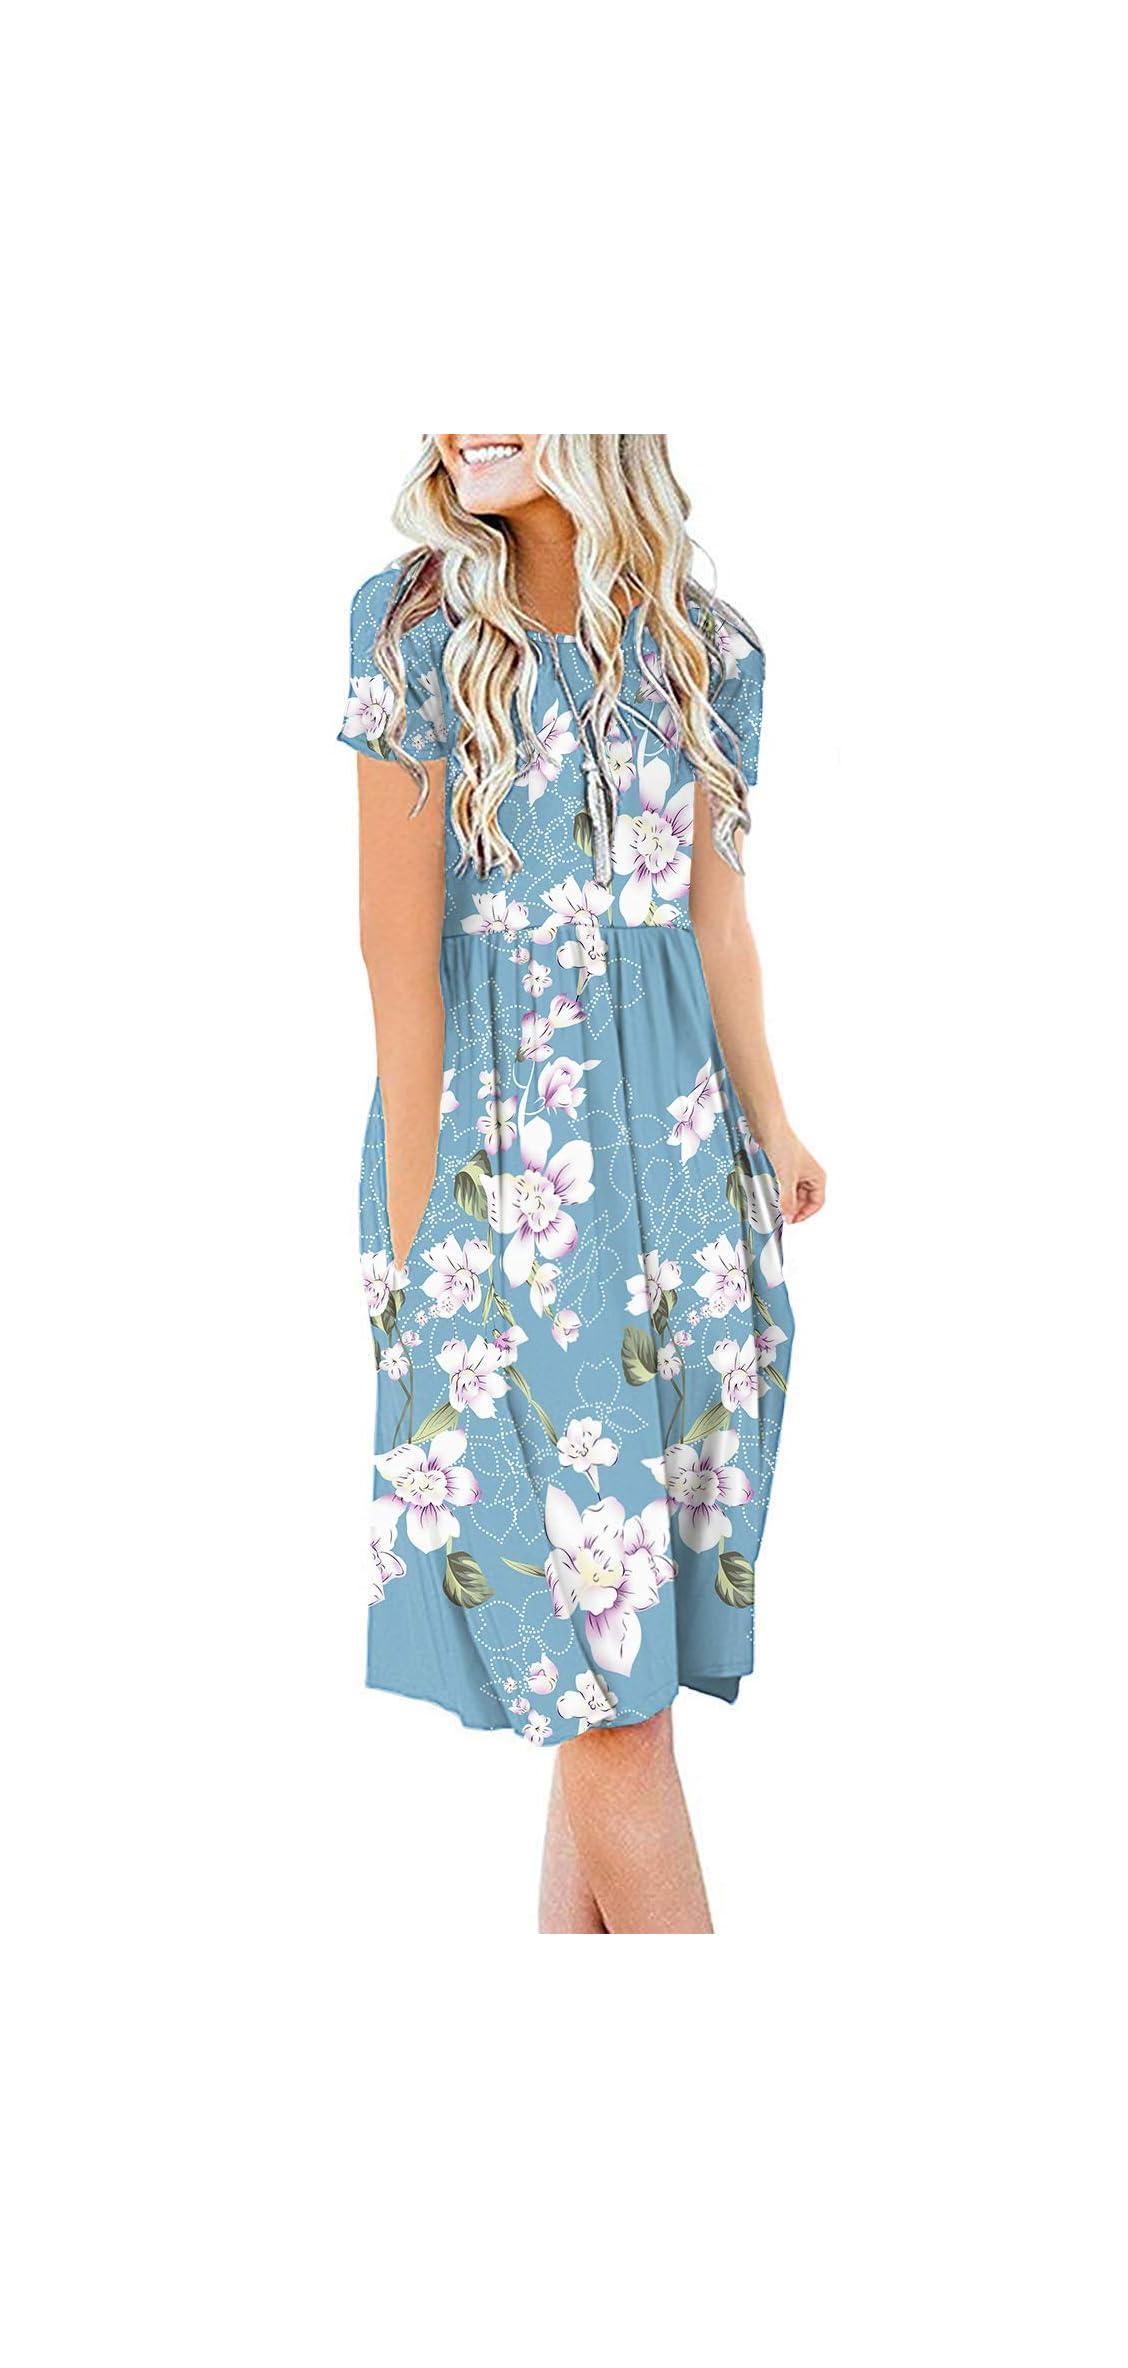 Women Summer Casual Short Sleeve Dresses Empire Waist